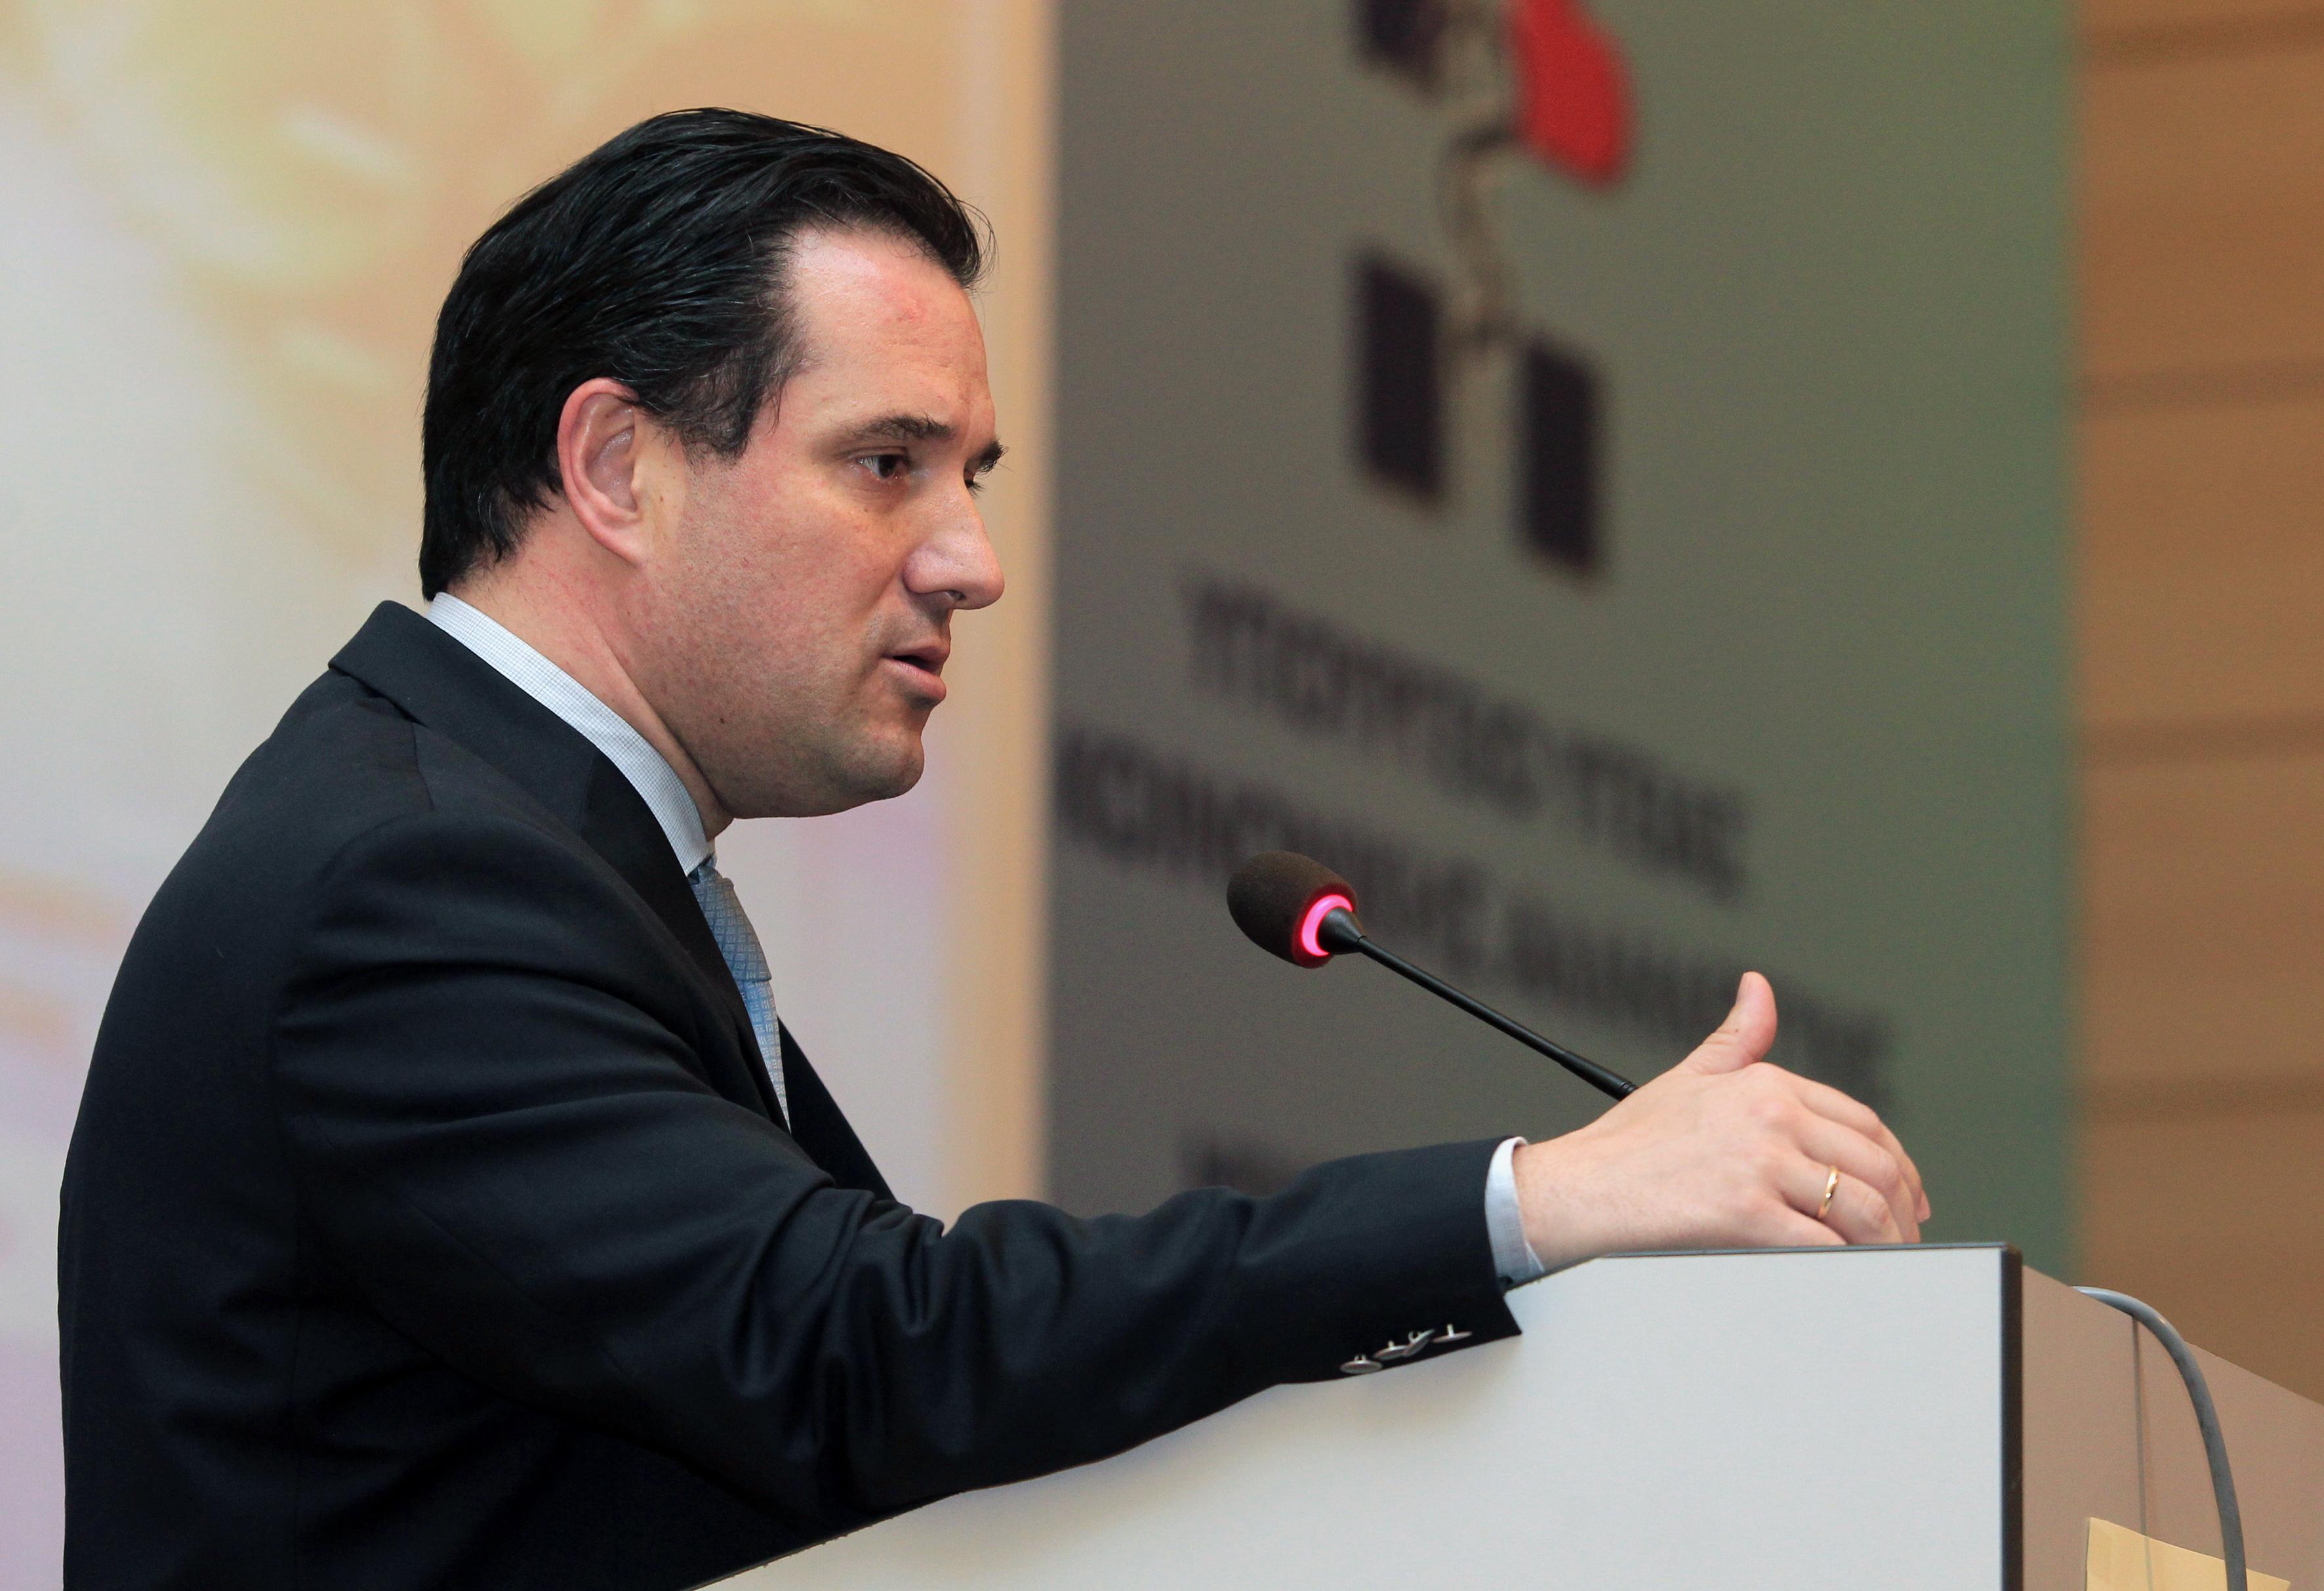 Γεωργιάδης: Η κυβέρνηση δεν θα εκβιαστεί από τους φαρμακοποιούς | tovima.gr